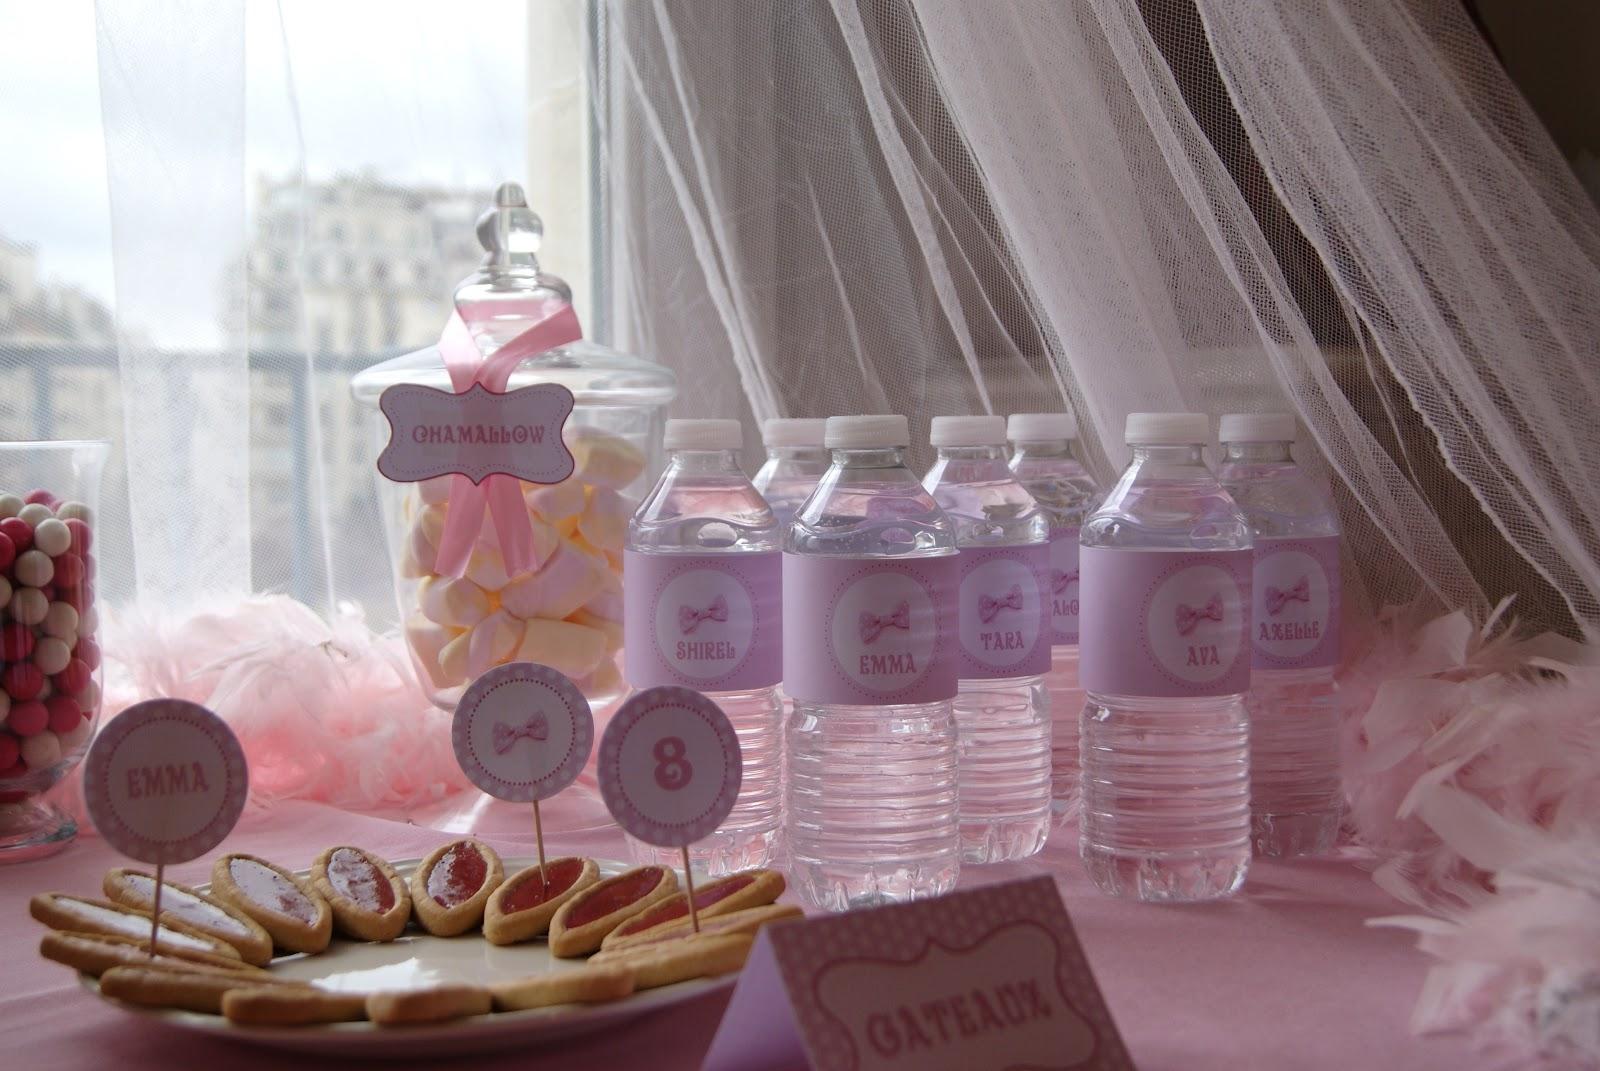 bouteille d'eau avec étiquettes imprimées